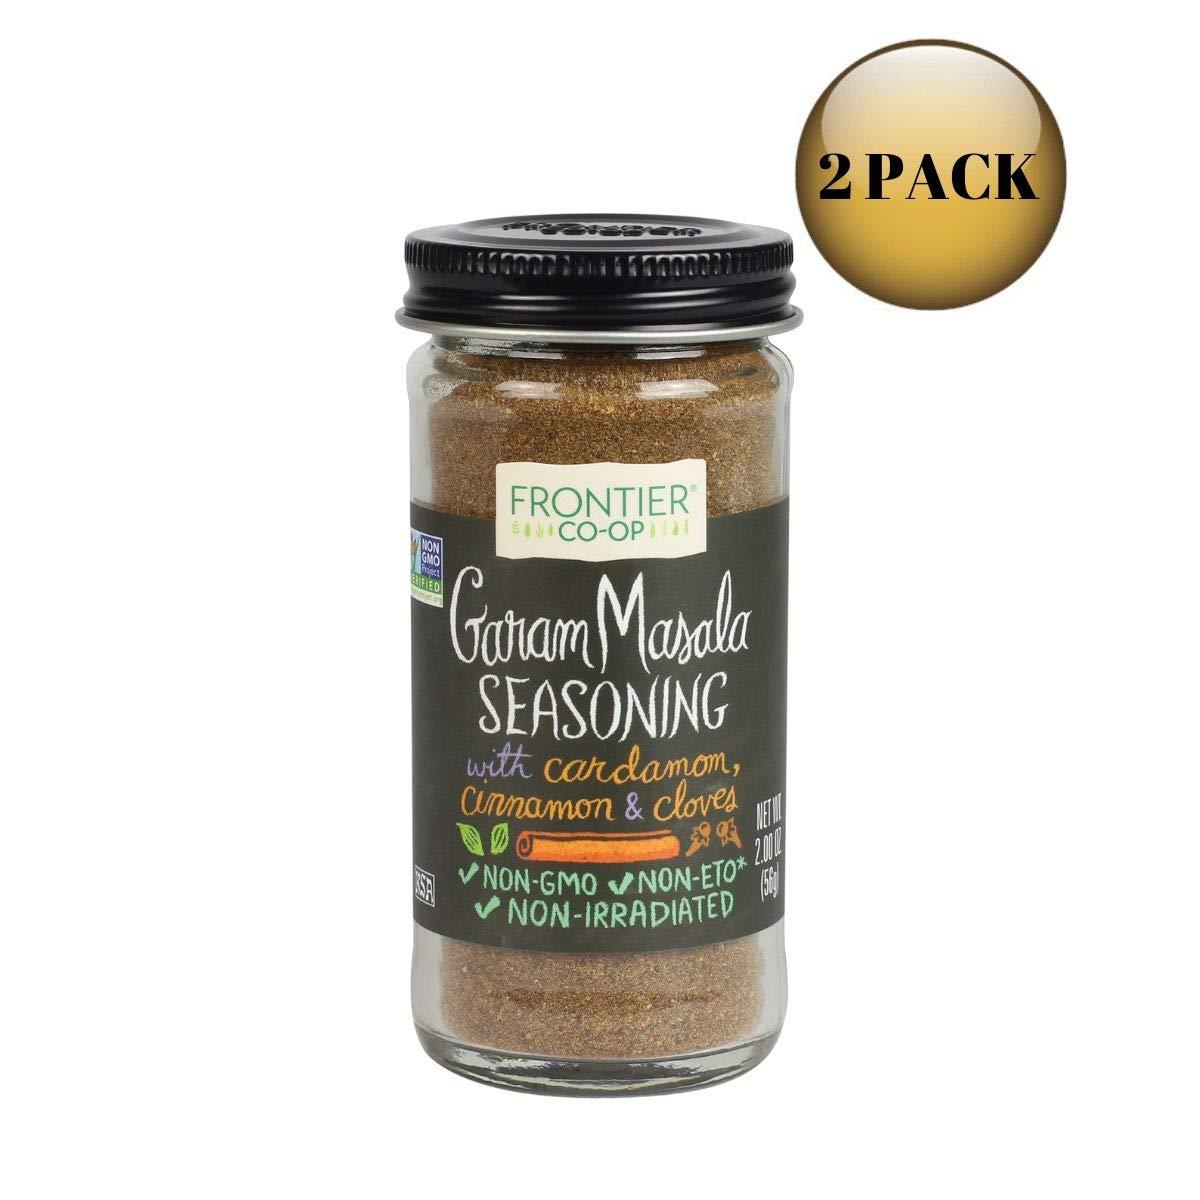 Frontier Garam Masala Certified Organic, Salt Free Blend, 2-Ounce Bottle (2 Pack)